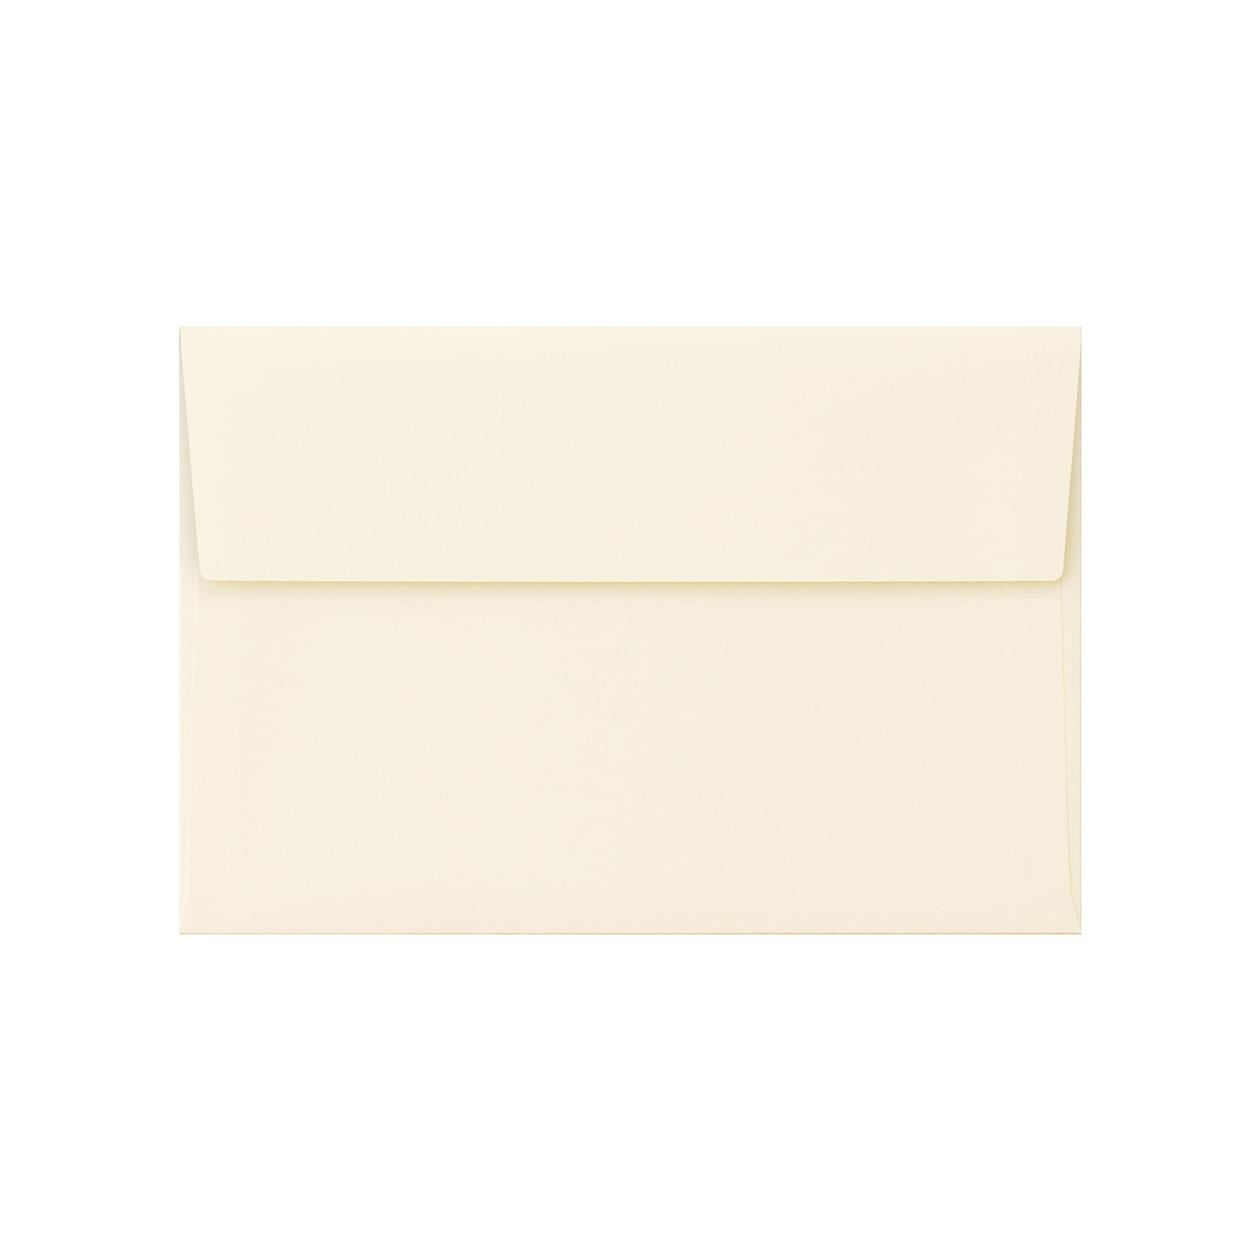 洋1カマス封筒 コットン ナチュラル 116.3g